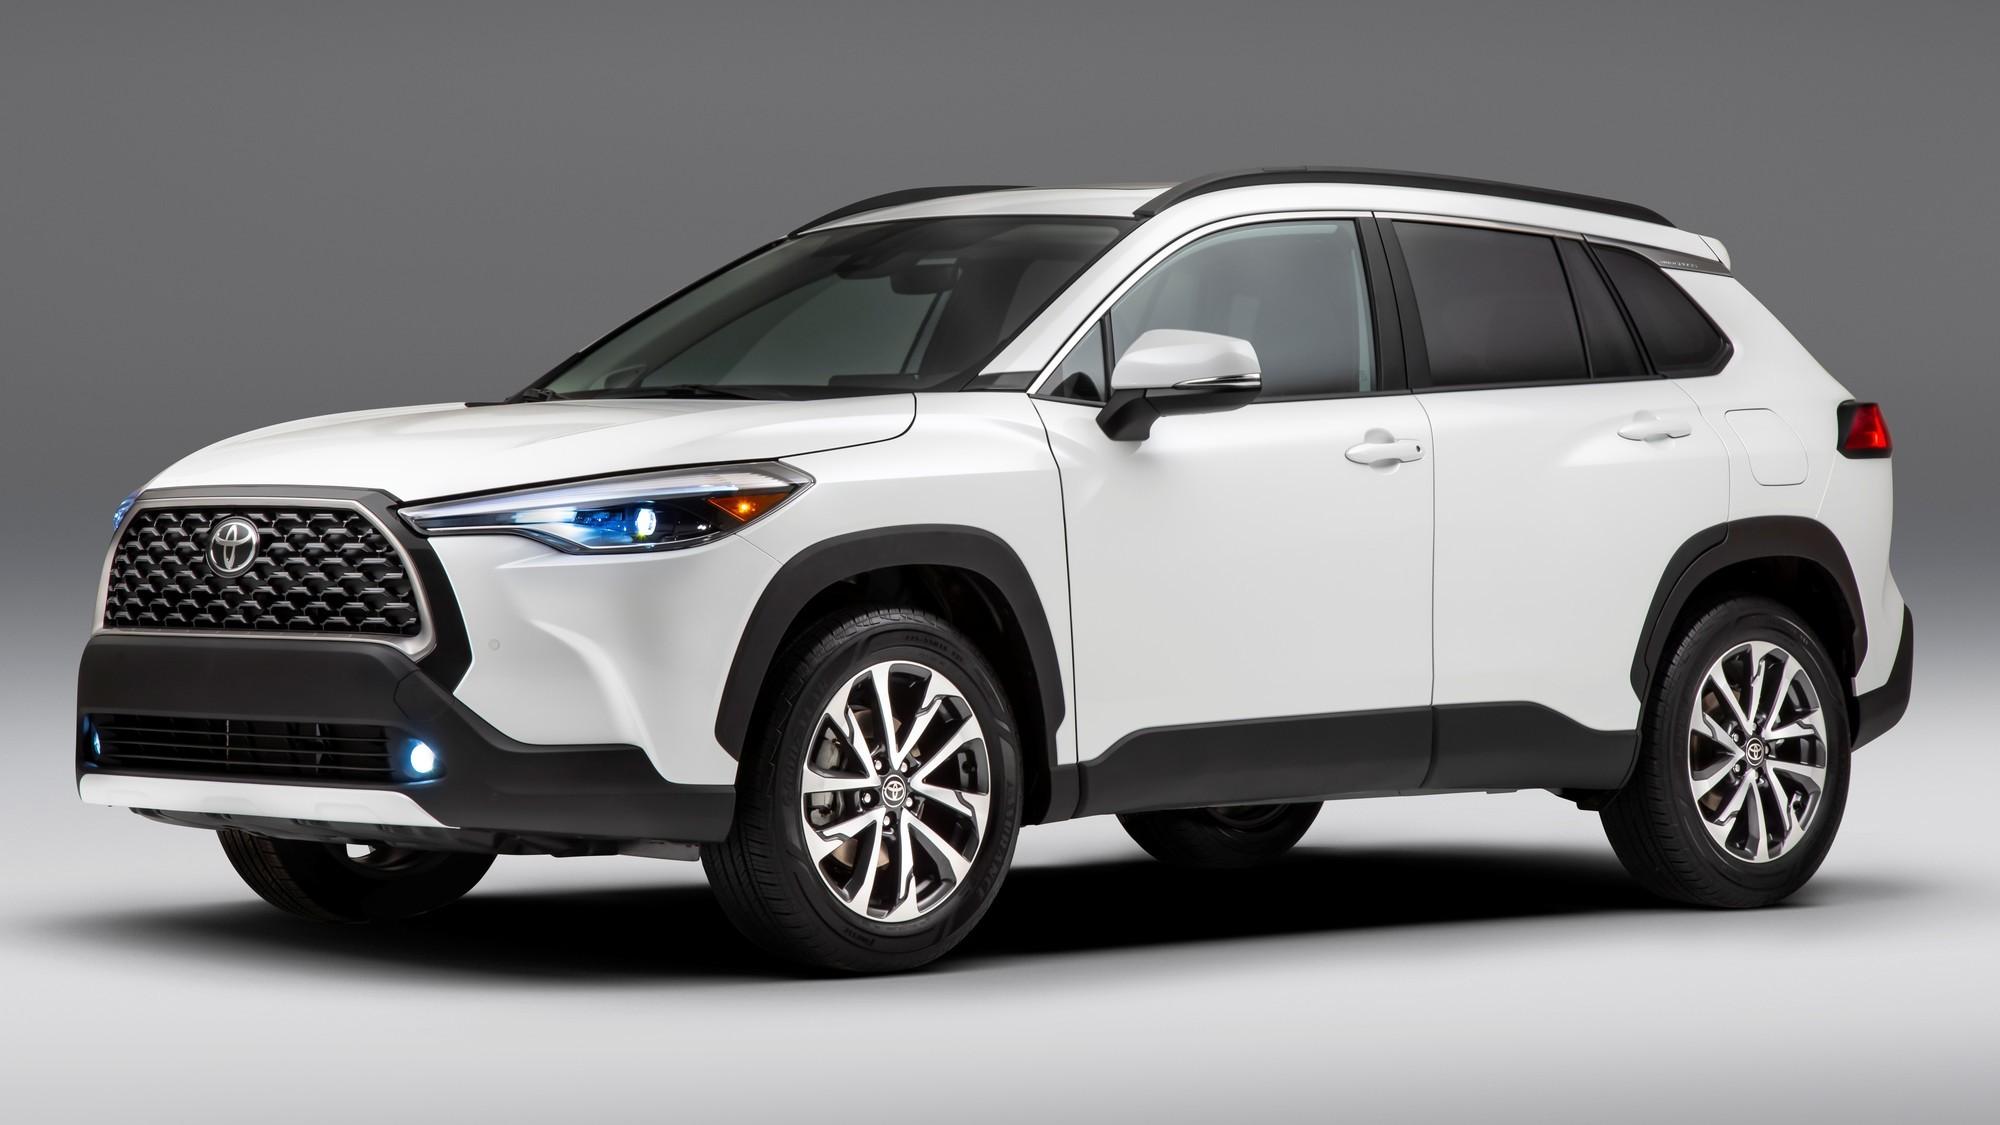 Mazda представит пять новых кроссоверов в ближайшие два года, из них два «широких»